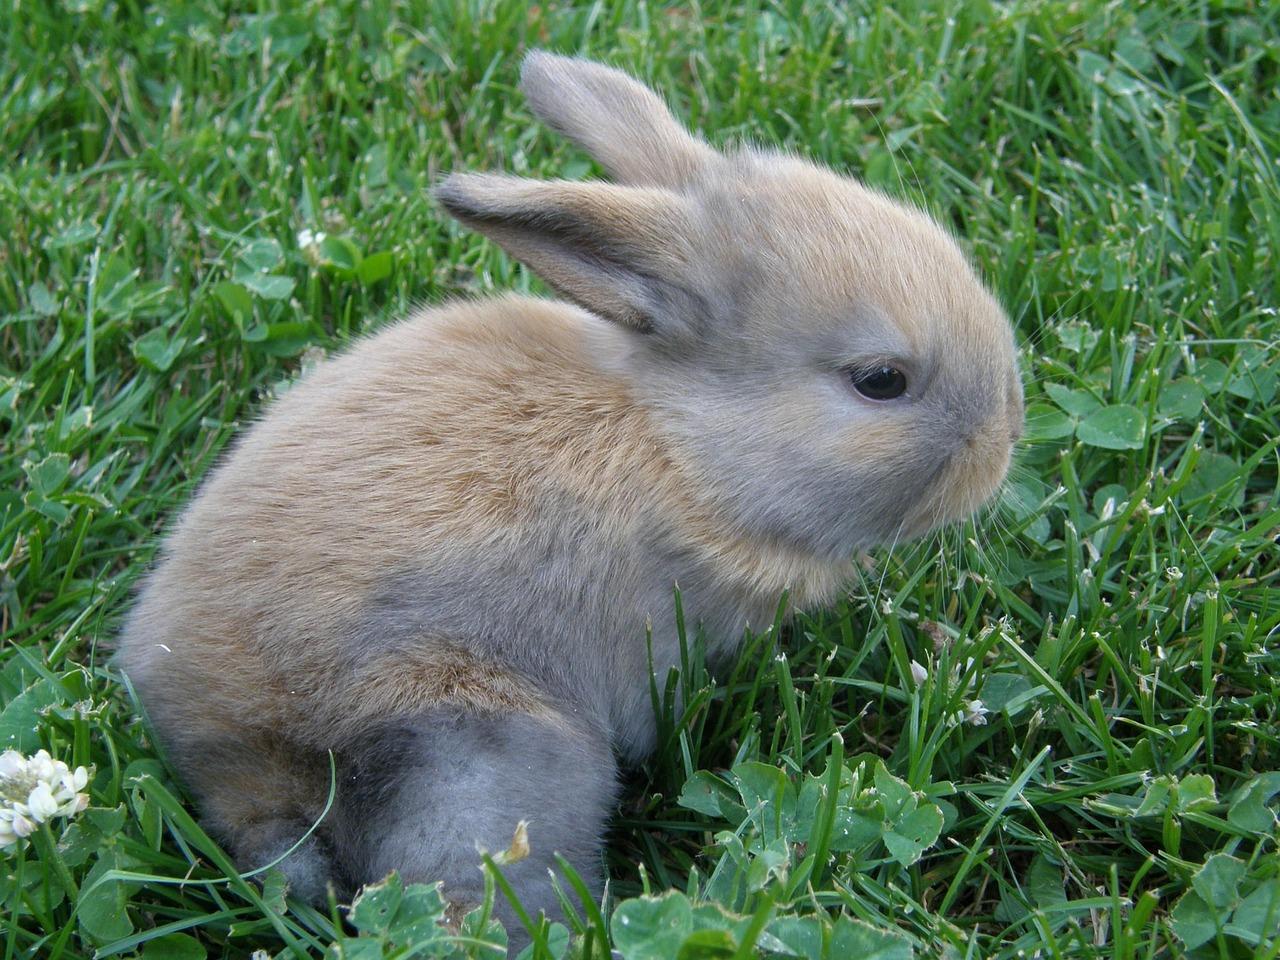 своей сути грызуны зайцы кролики фото описание первого брака катя